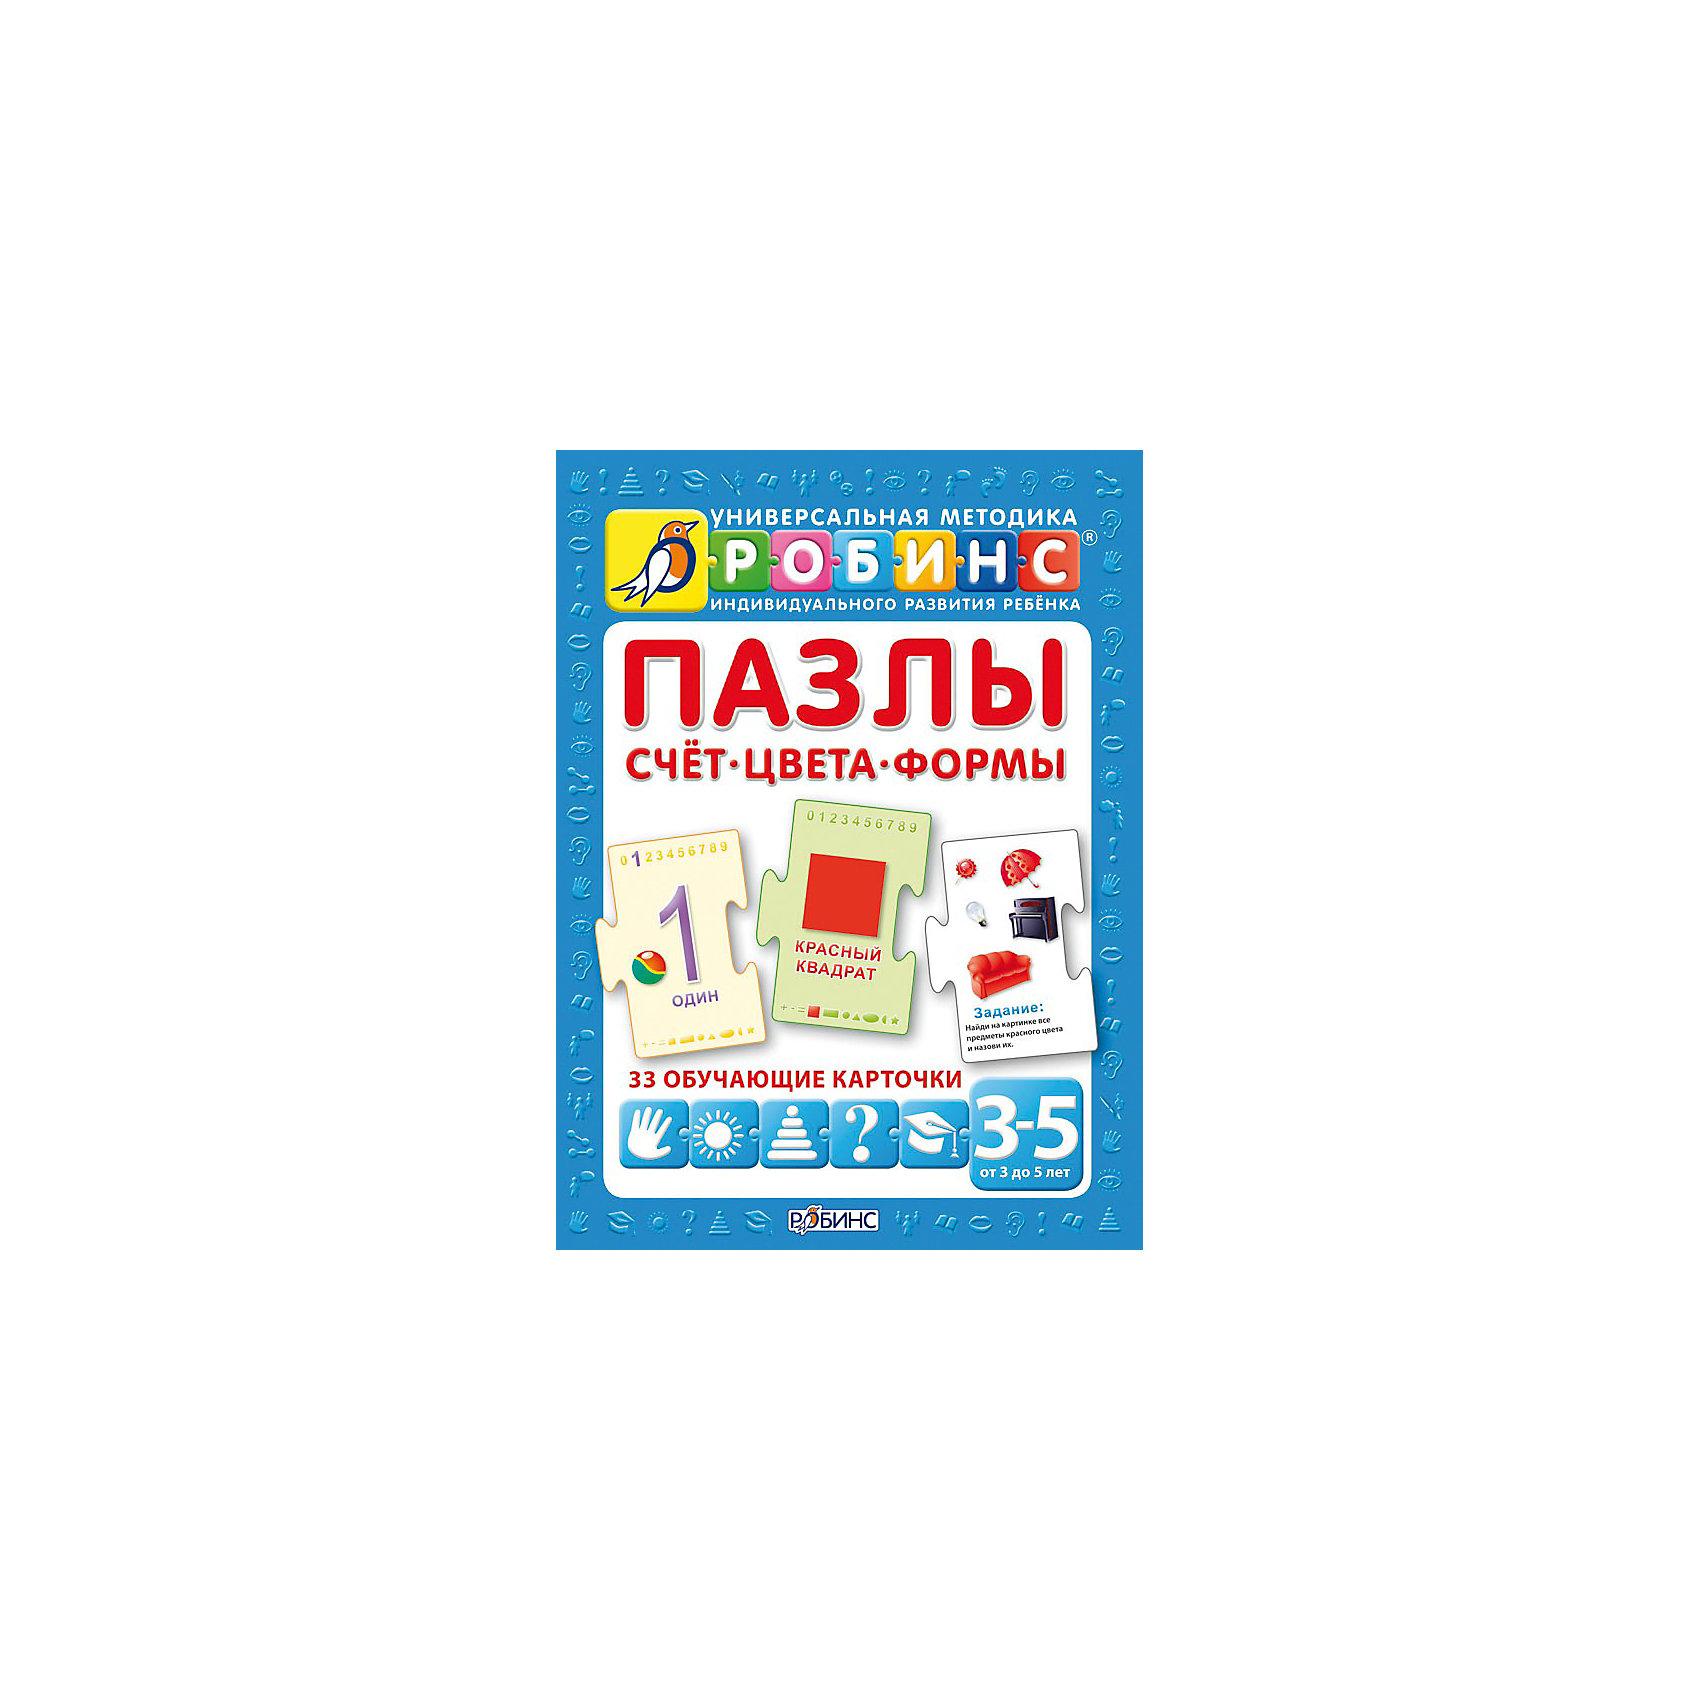 Карточки-пазлы Счет, цвета, формыПособия для обучения счёту<br>Пазлы счет, цвета, формы помогут Вашему малышу легко и быстро изучить цифры, цвета и формы, научиться считать. Набор включает в себя 20 карточек с цифрами от 0 до 9 (по 2 карточки на каждую цифру), 5 карточек со знаки +, - и =, а также 7 карточек с формами и цветами.<br>На передней сторонке пазла - большие цифры, которые ребенок может выкладывать в таком порядке, чтобы получать арифметическую последовательность, примеры и их решения. Сзади - арифметические задачи. Также есть карточки, которые позволяют ребенку лучше освоить цвета и формы. На обороте такой карточки - задания повышенной сложности на тренировку навыков счета и определения цвета.<br><br>Ширина мм: 110<br>Глубина мм: 35<br>Высота мм: 180<br>Вес г: 409<br>Возраст от месяцев: 36<br>Возраст до месяцев: 60<br>Пол: Унисекс<br>Возраст: Детский<br>SKU: 3098166